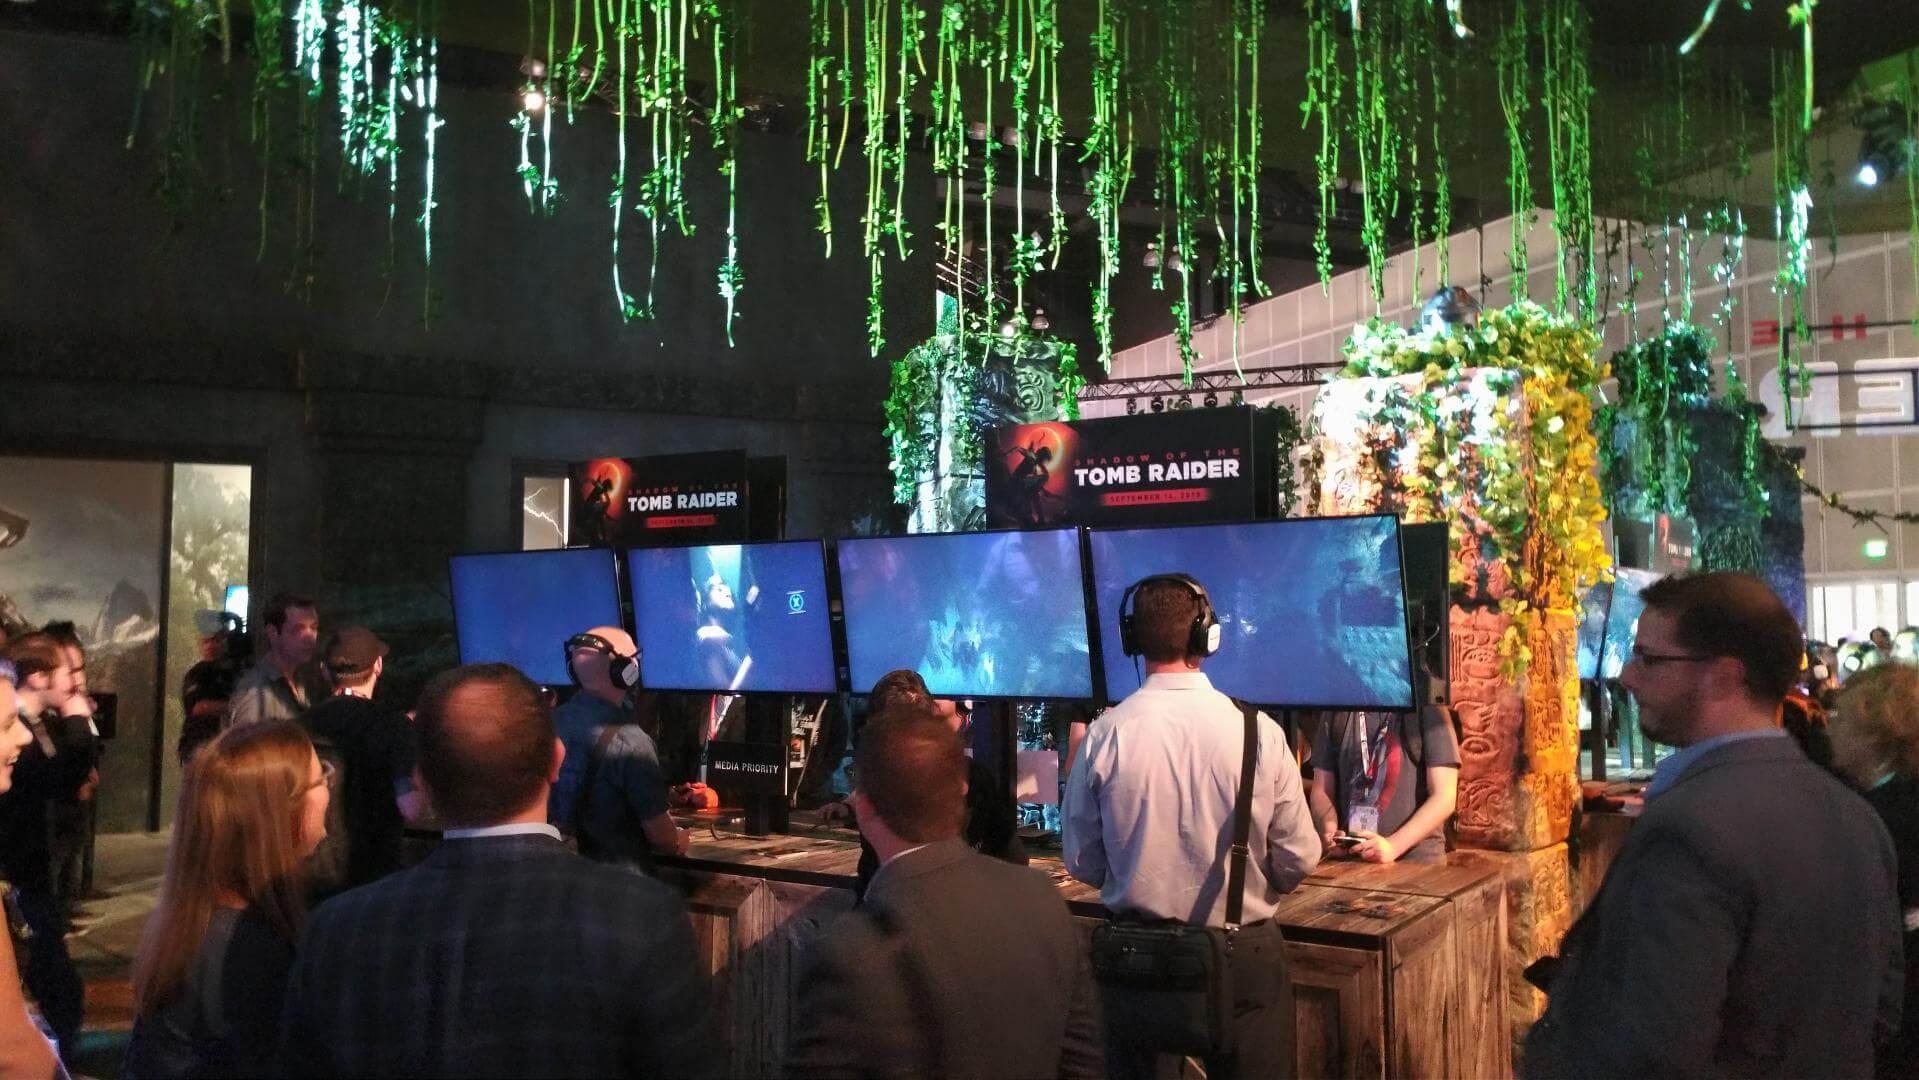 Tomb raider E3 (2)